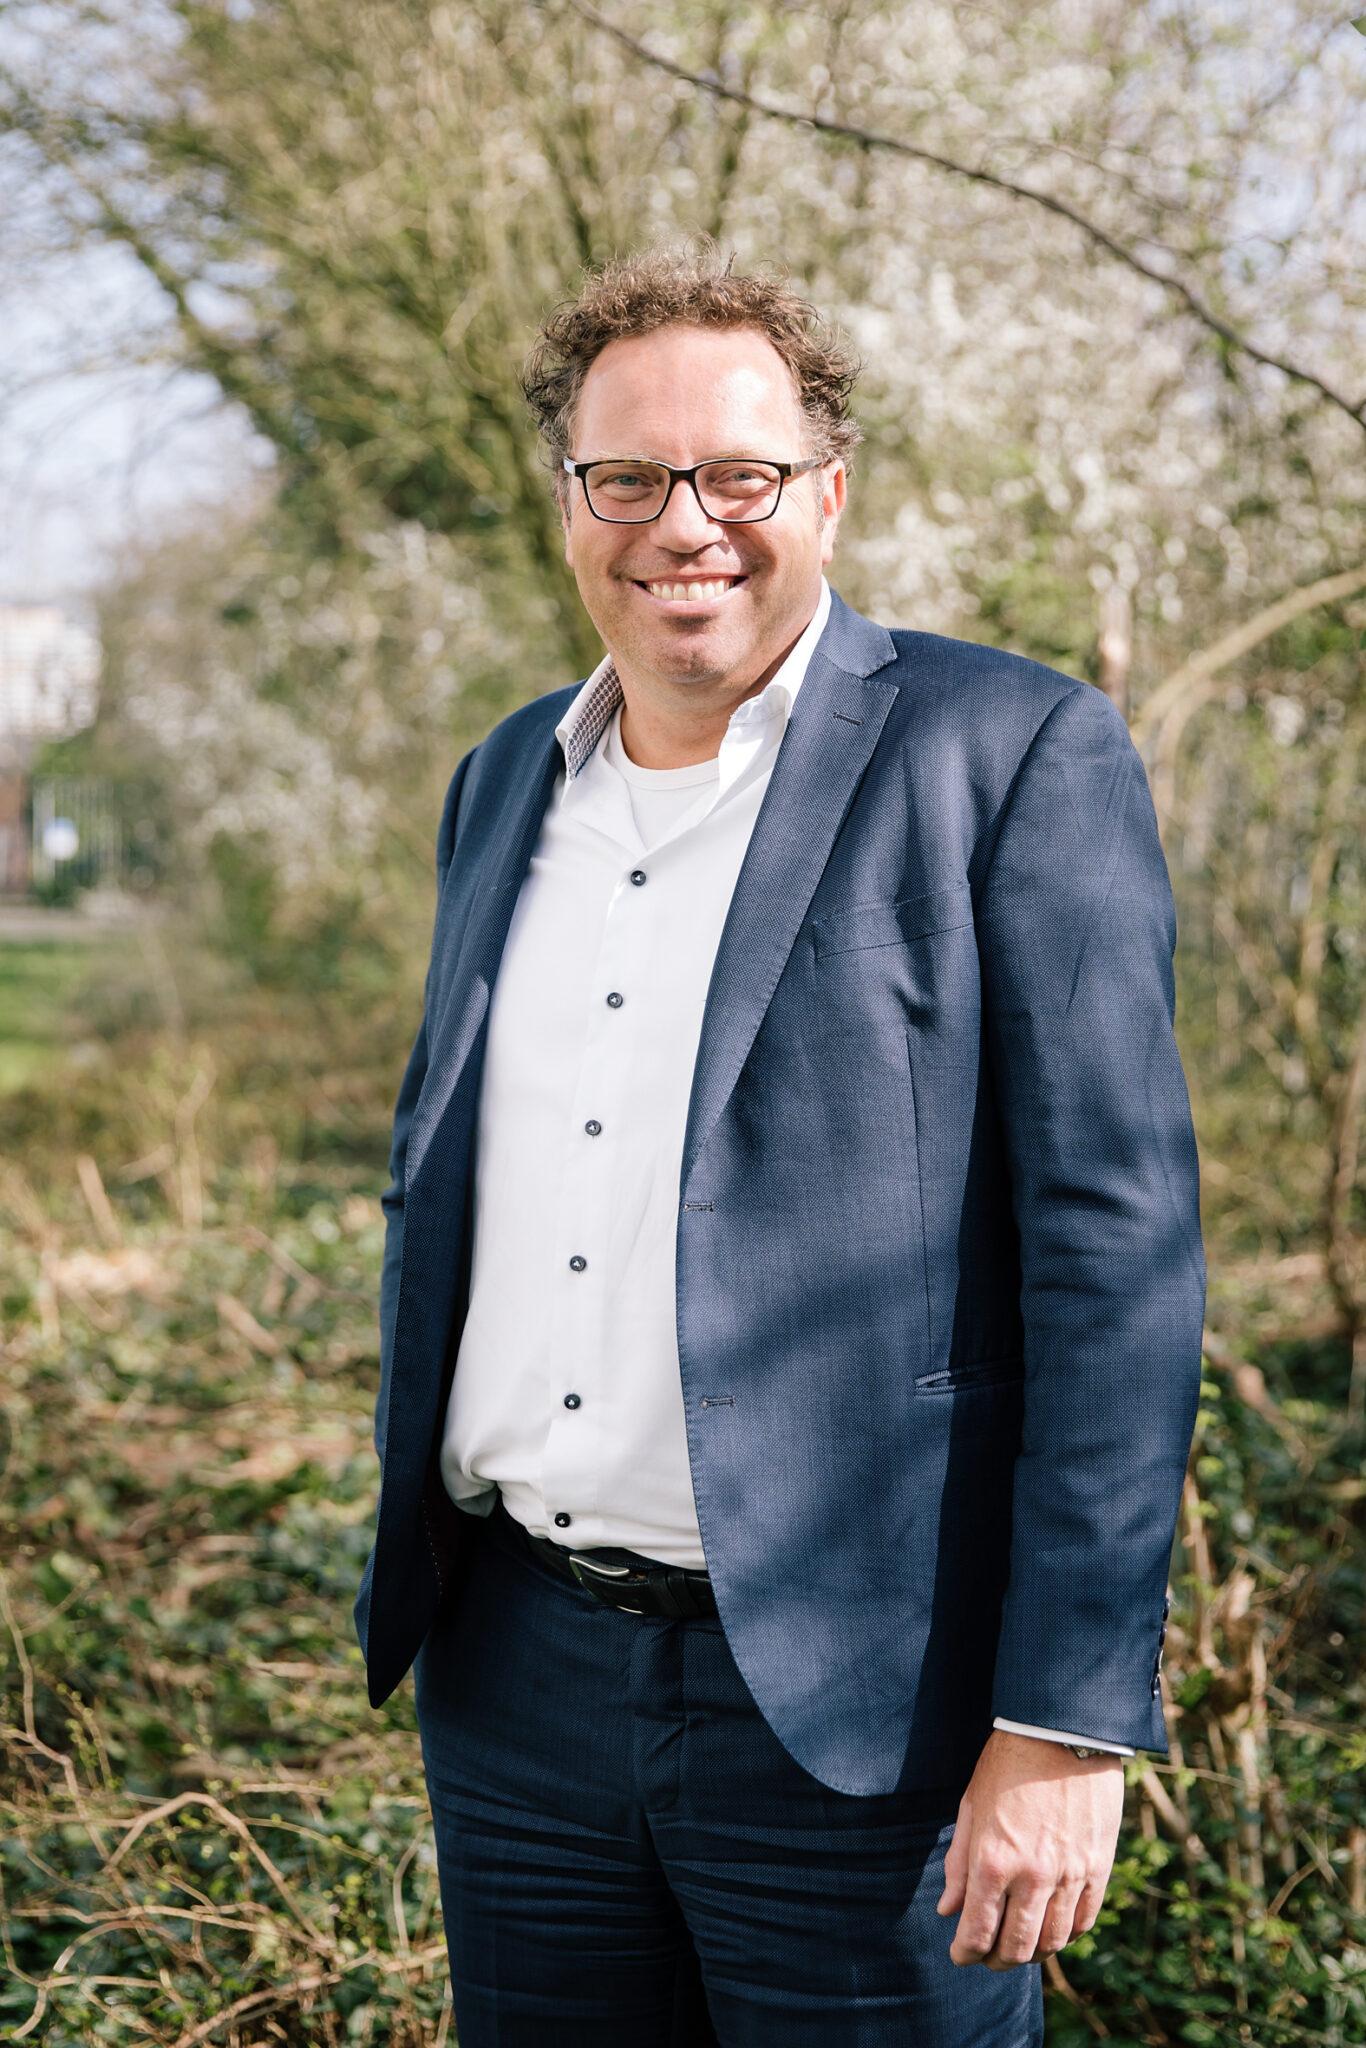 Martijn Kole